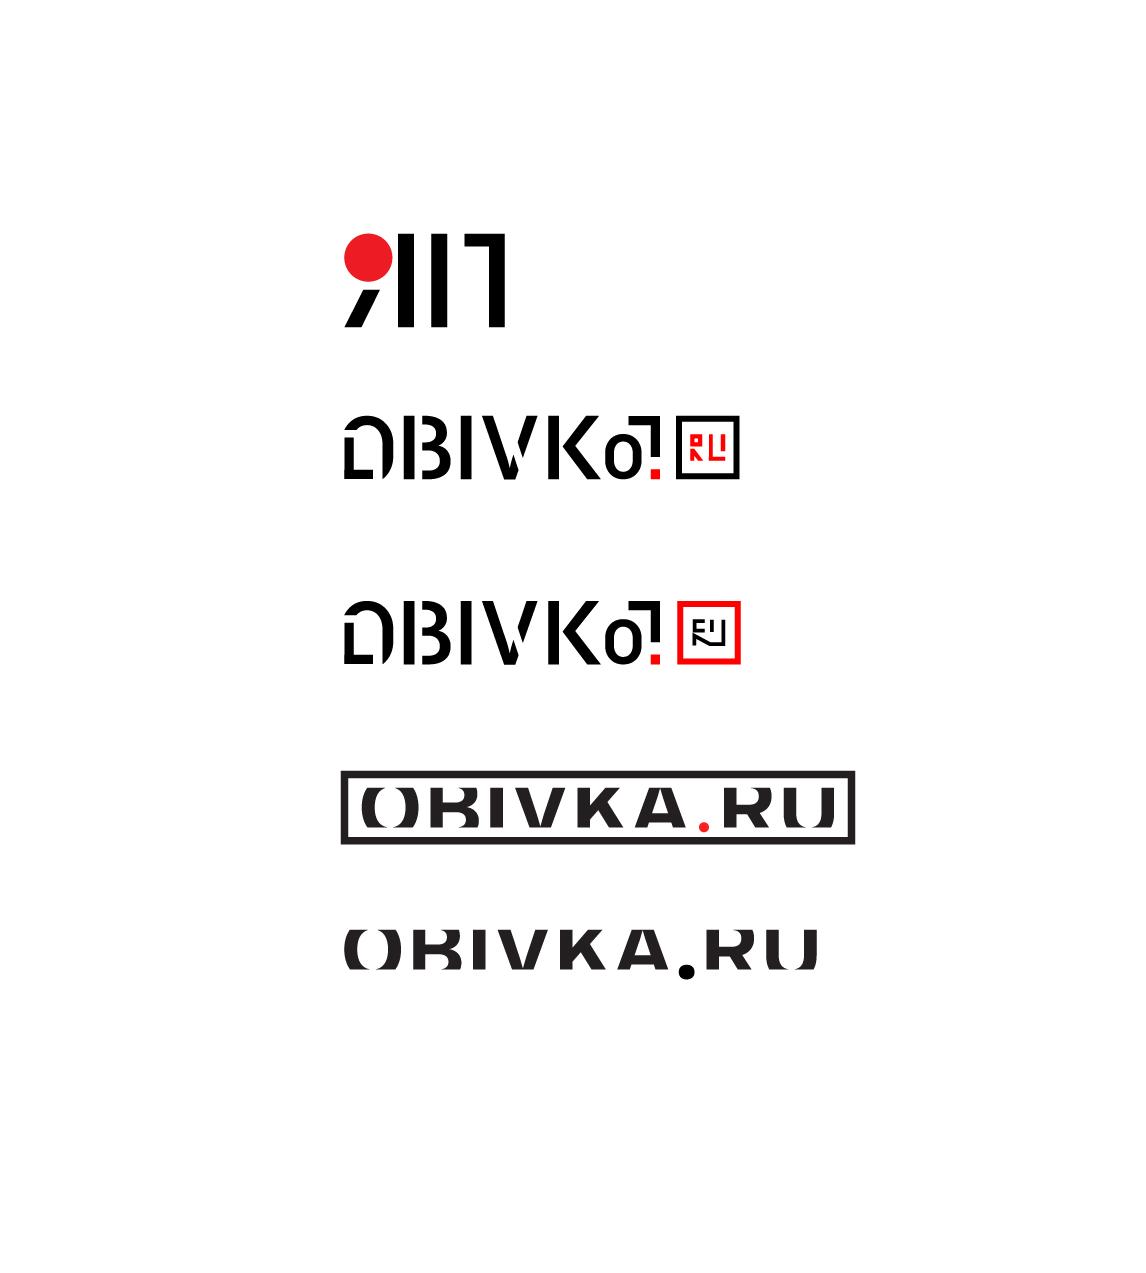 Логотип для сайта OBIVKA.RU фото f_4035c10b6af7fce4.jpg